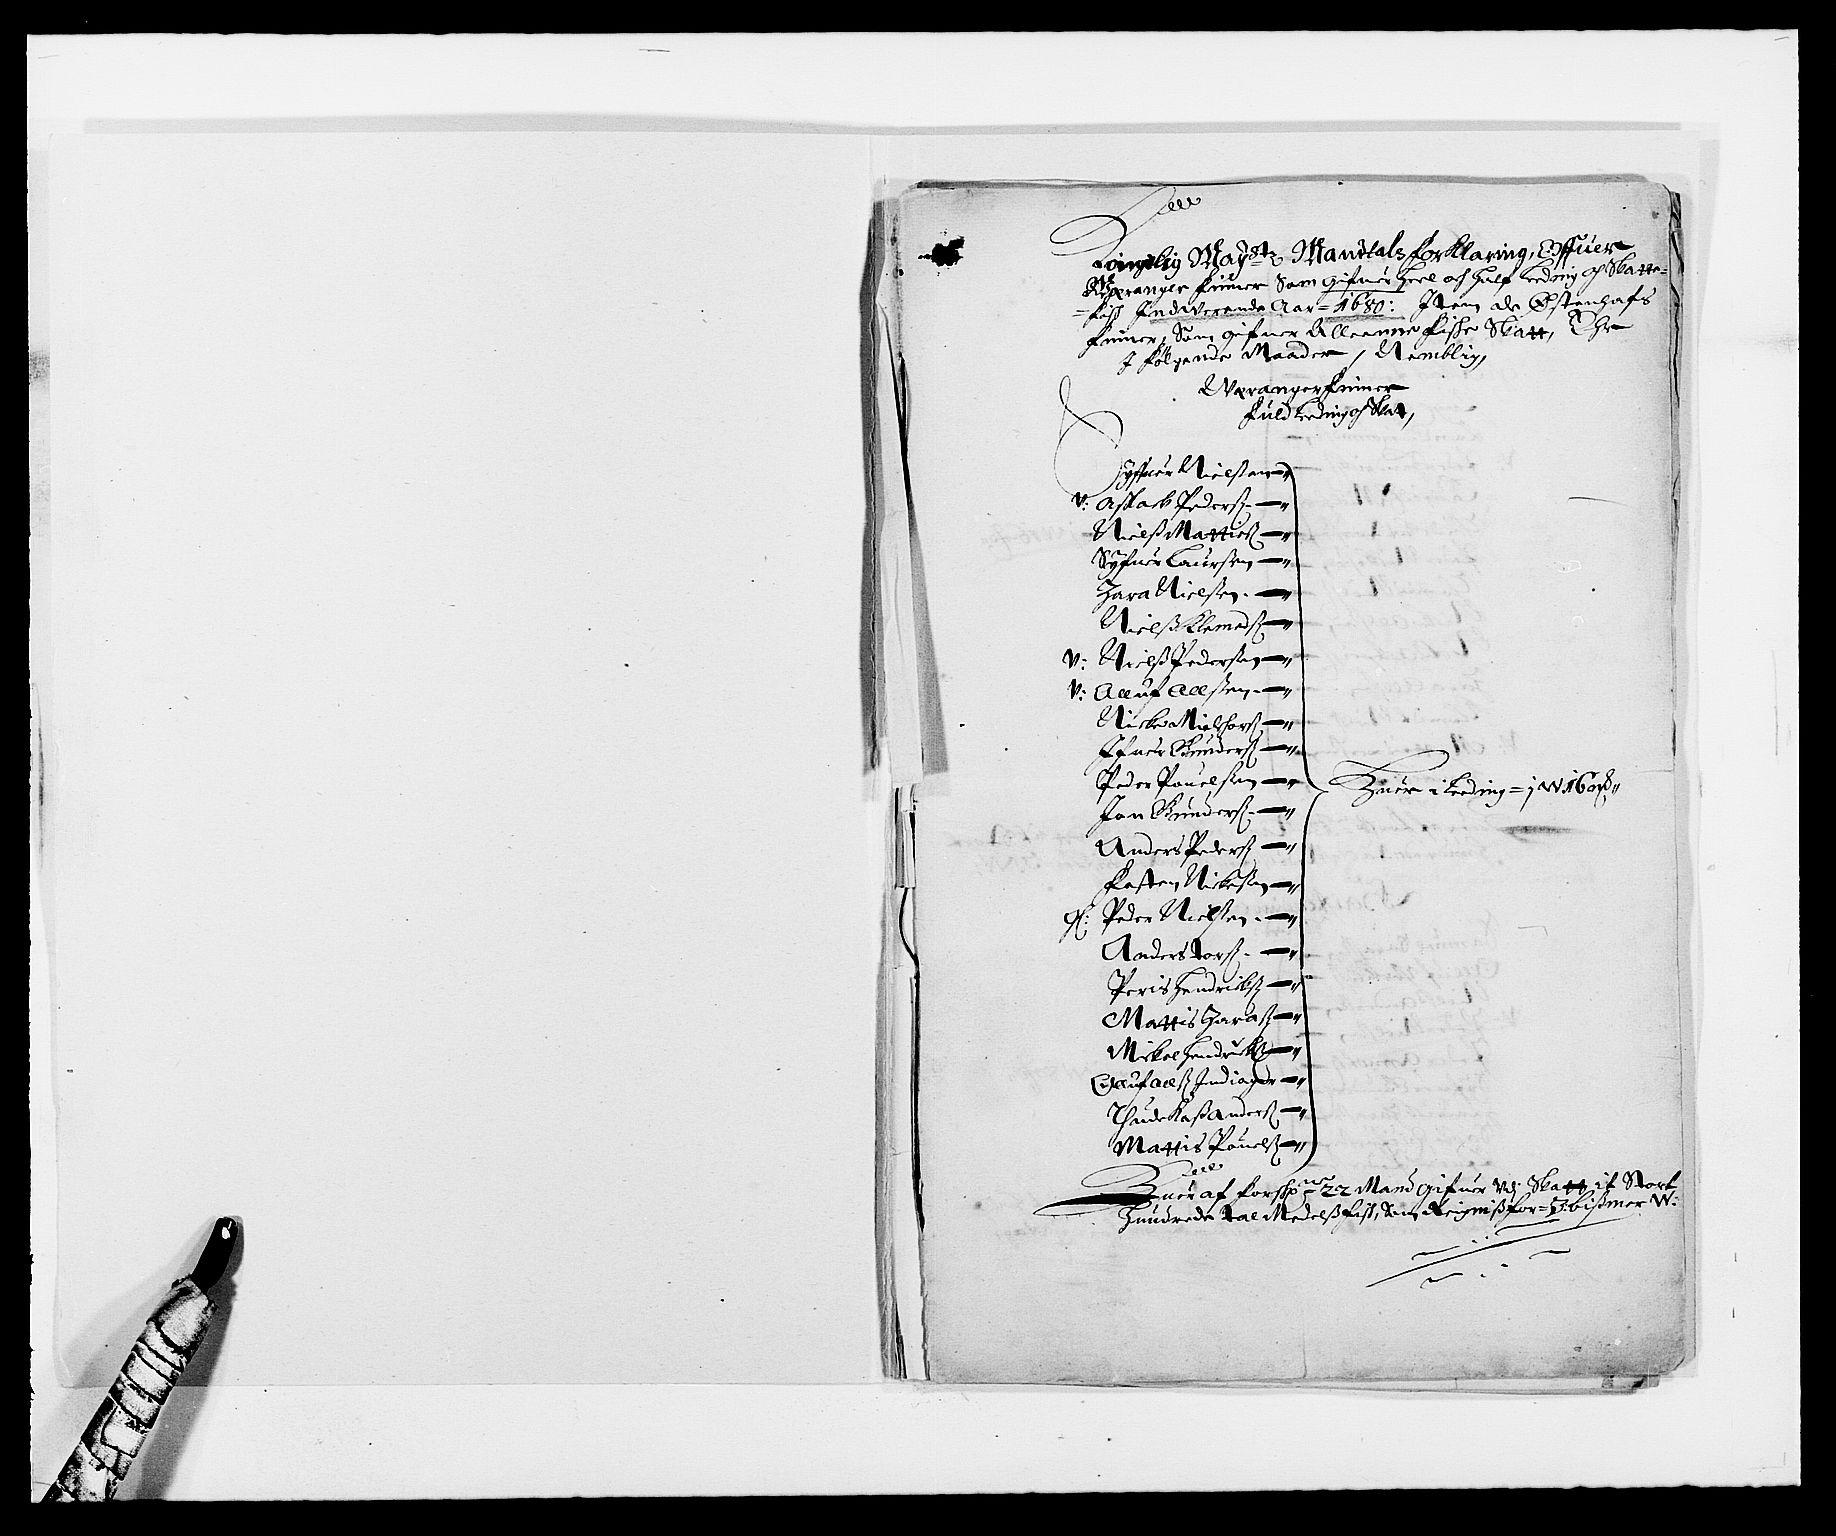 RA, Rentekammeret inntil 1814, Reviderte regnskaper, Fogderegnskap, R69/L4850: Fogderegnskap Finnmark/Vardøhus, 1680-1690, s. 2